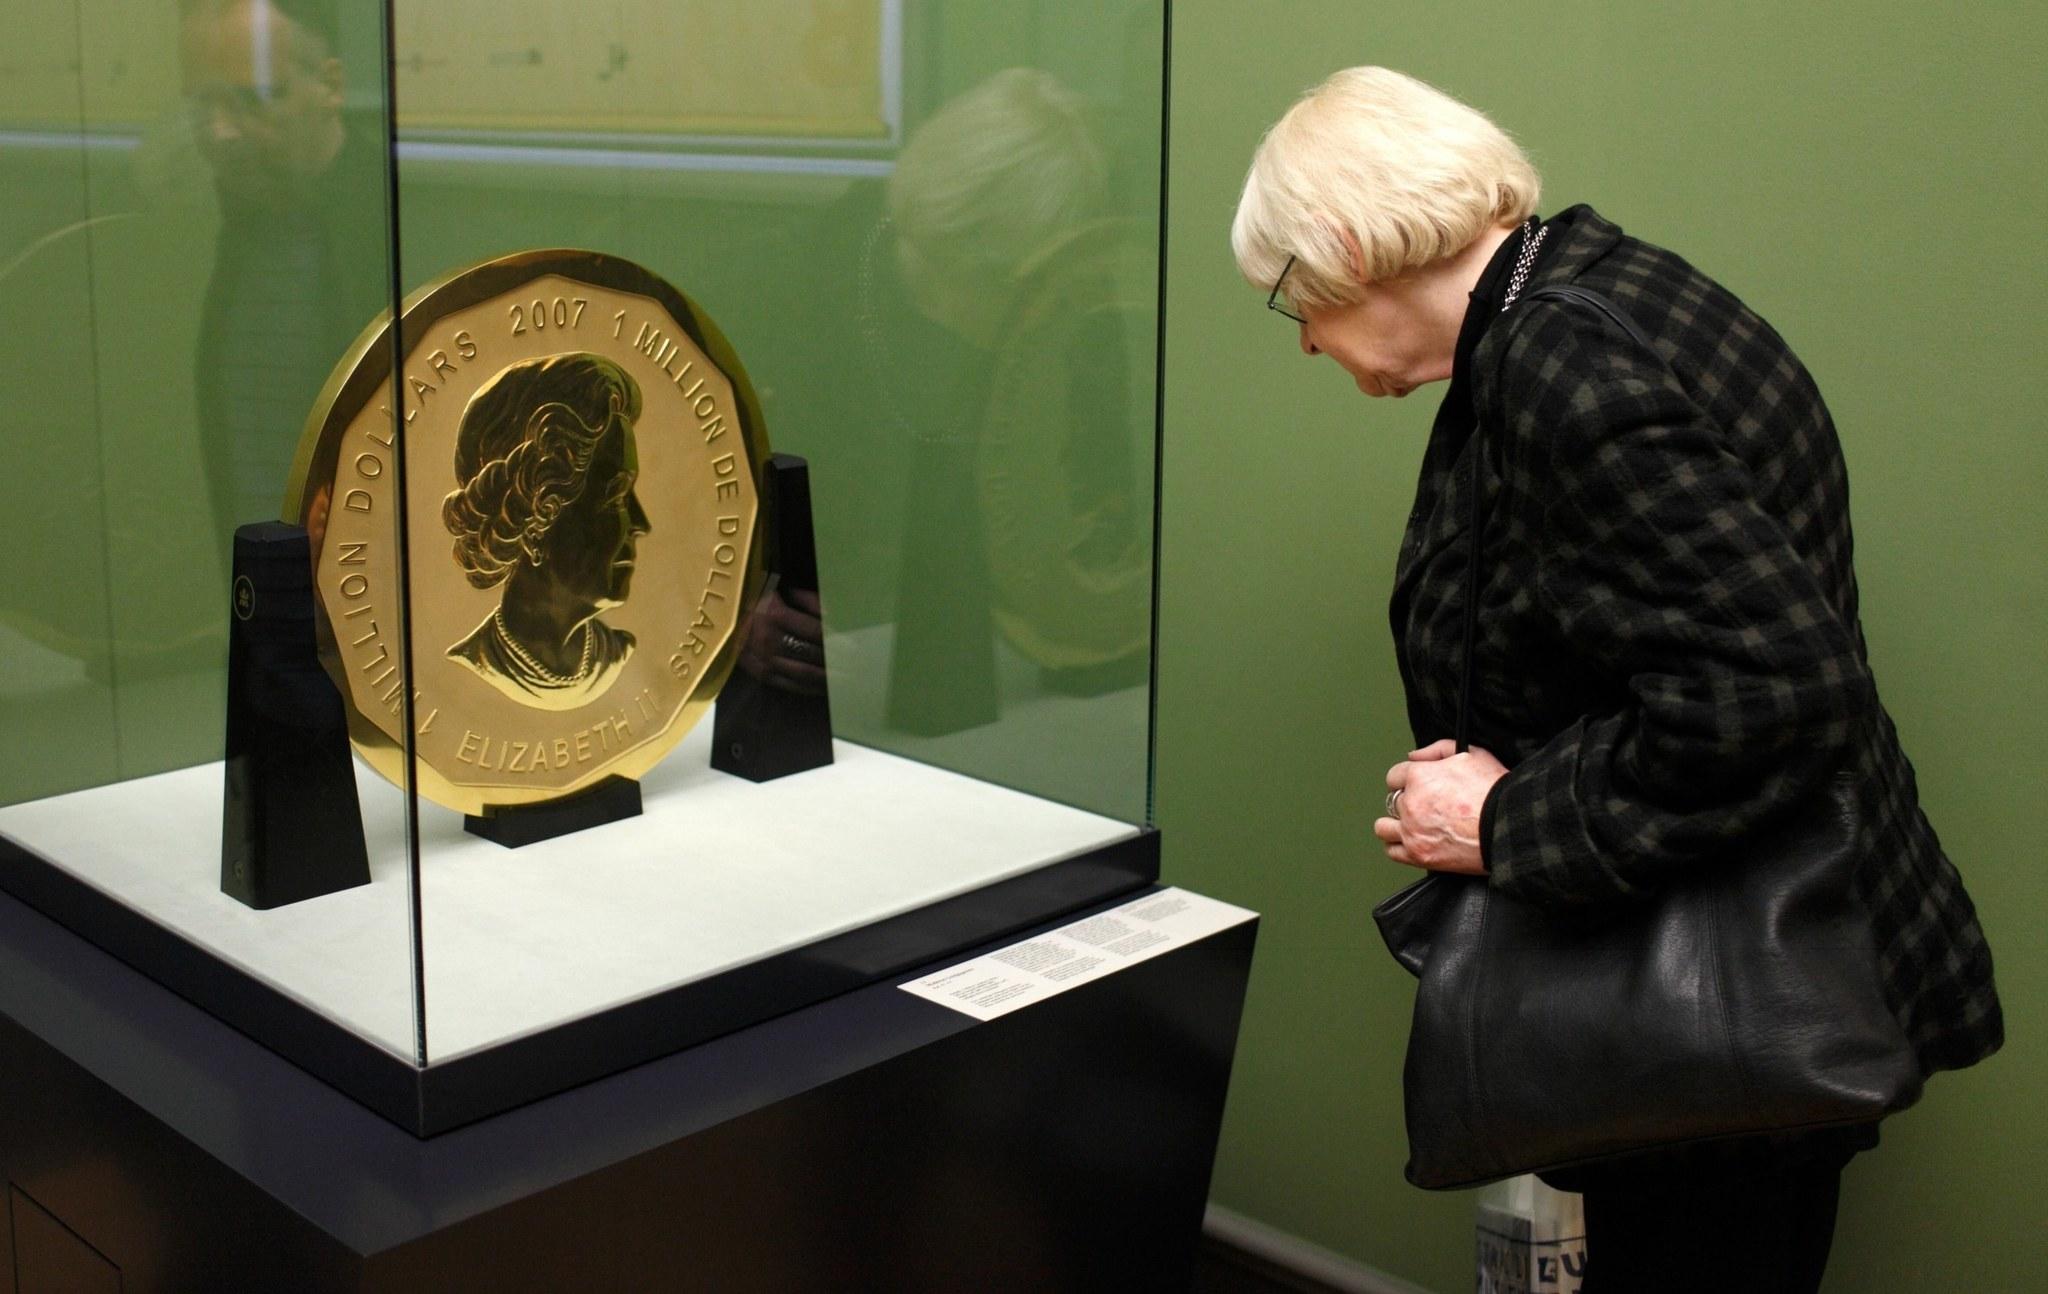 100 kg gold coin stolen